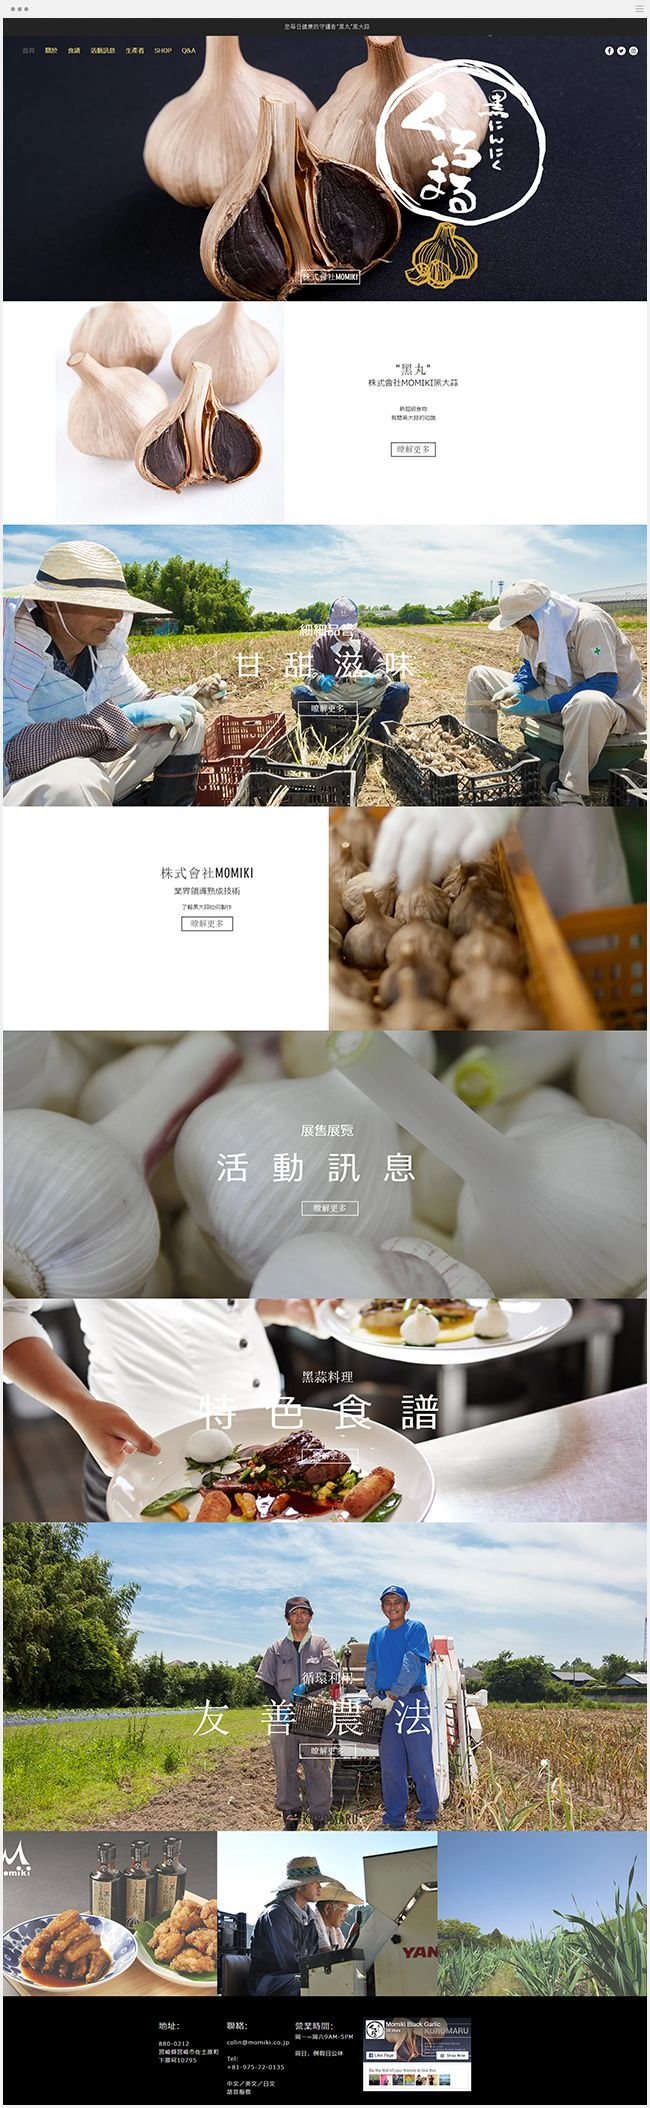 MOMIKI | Black Garlic Farm